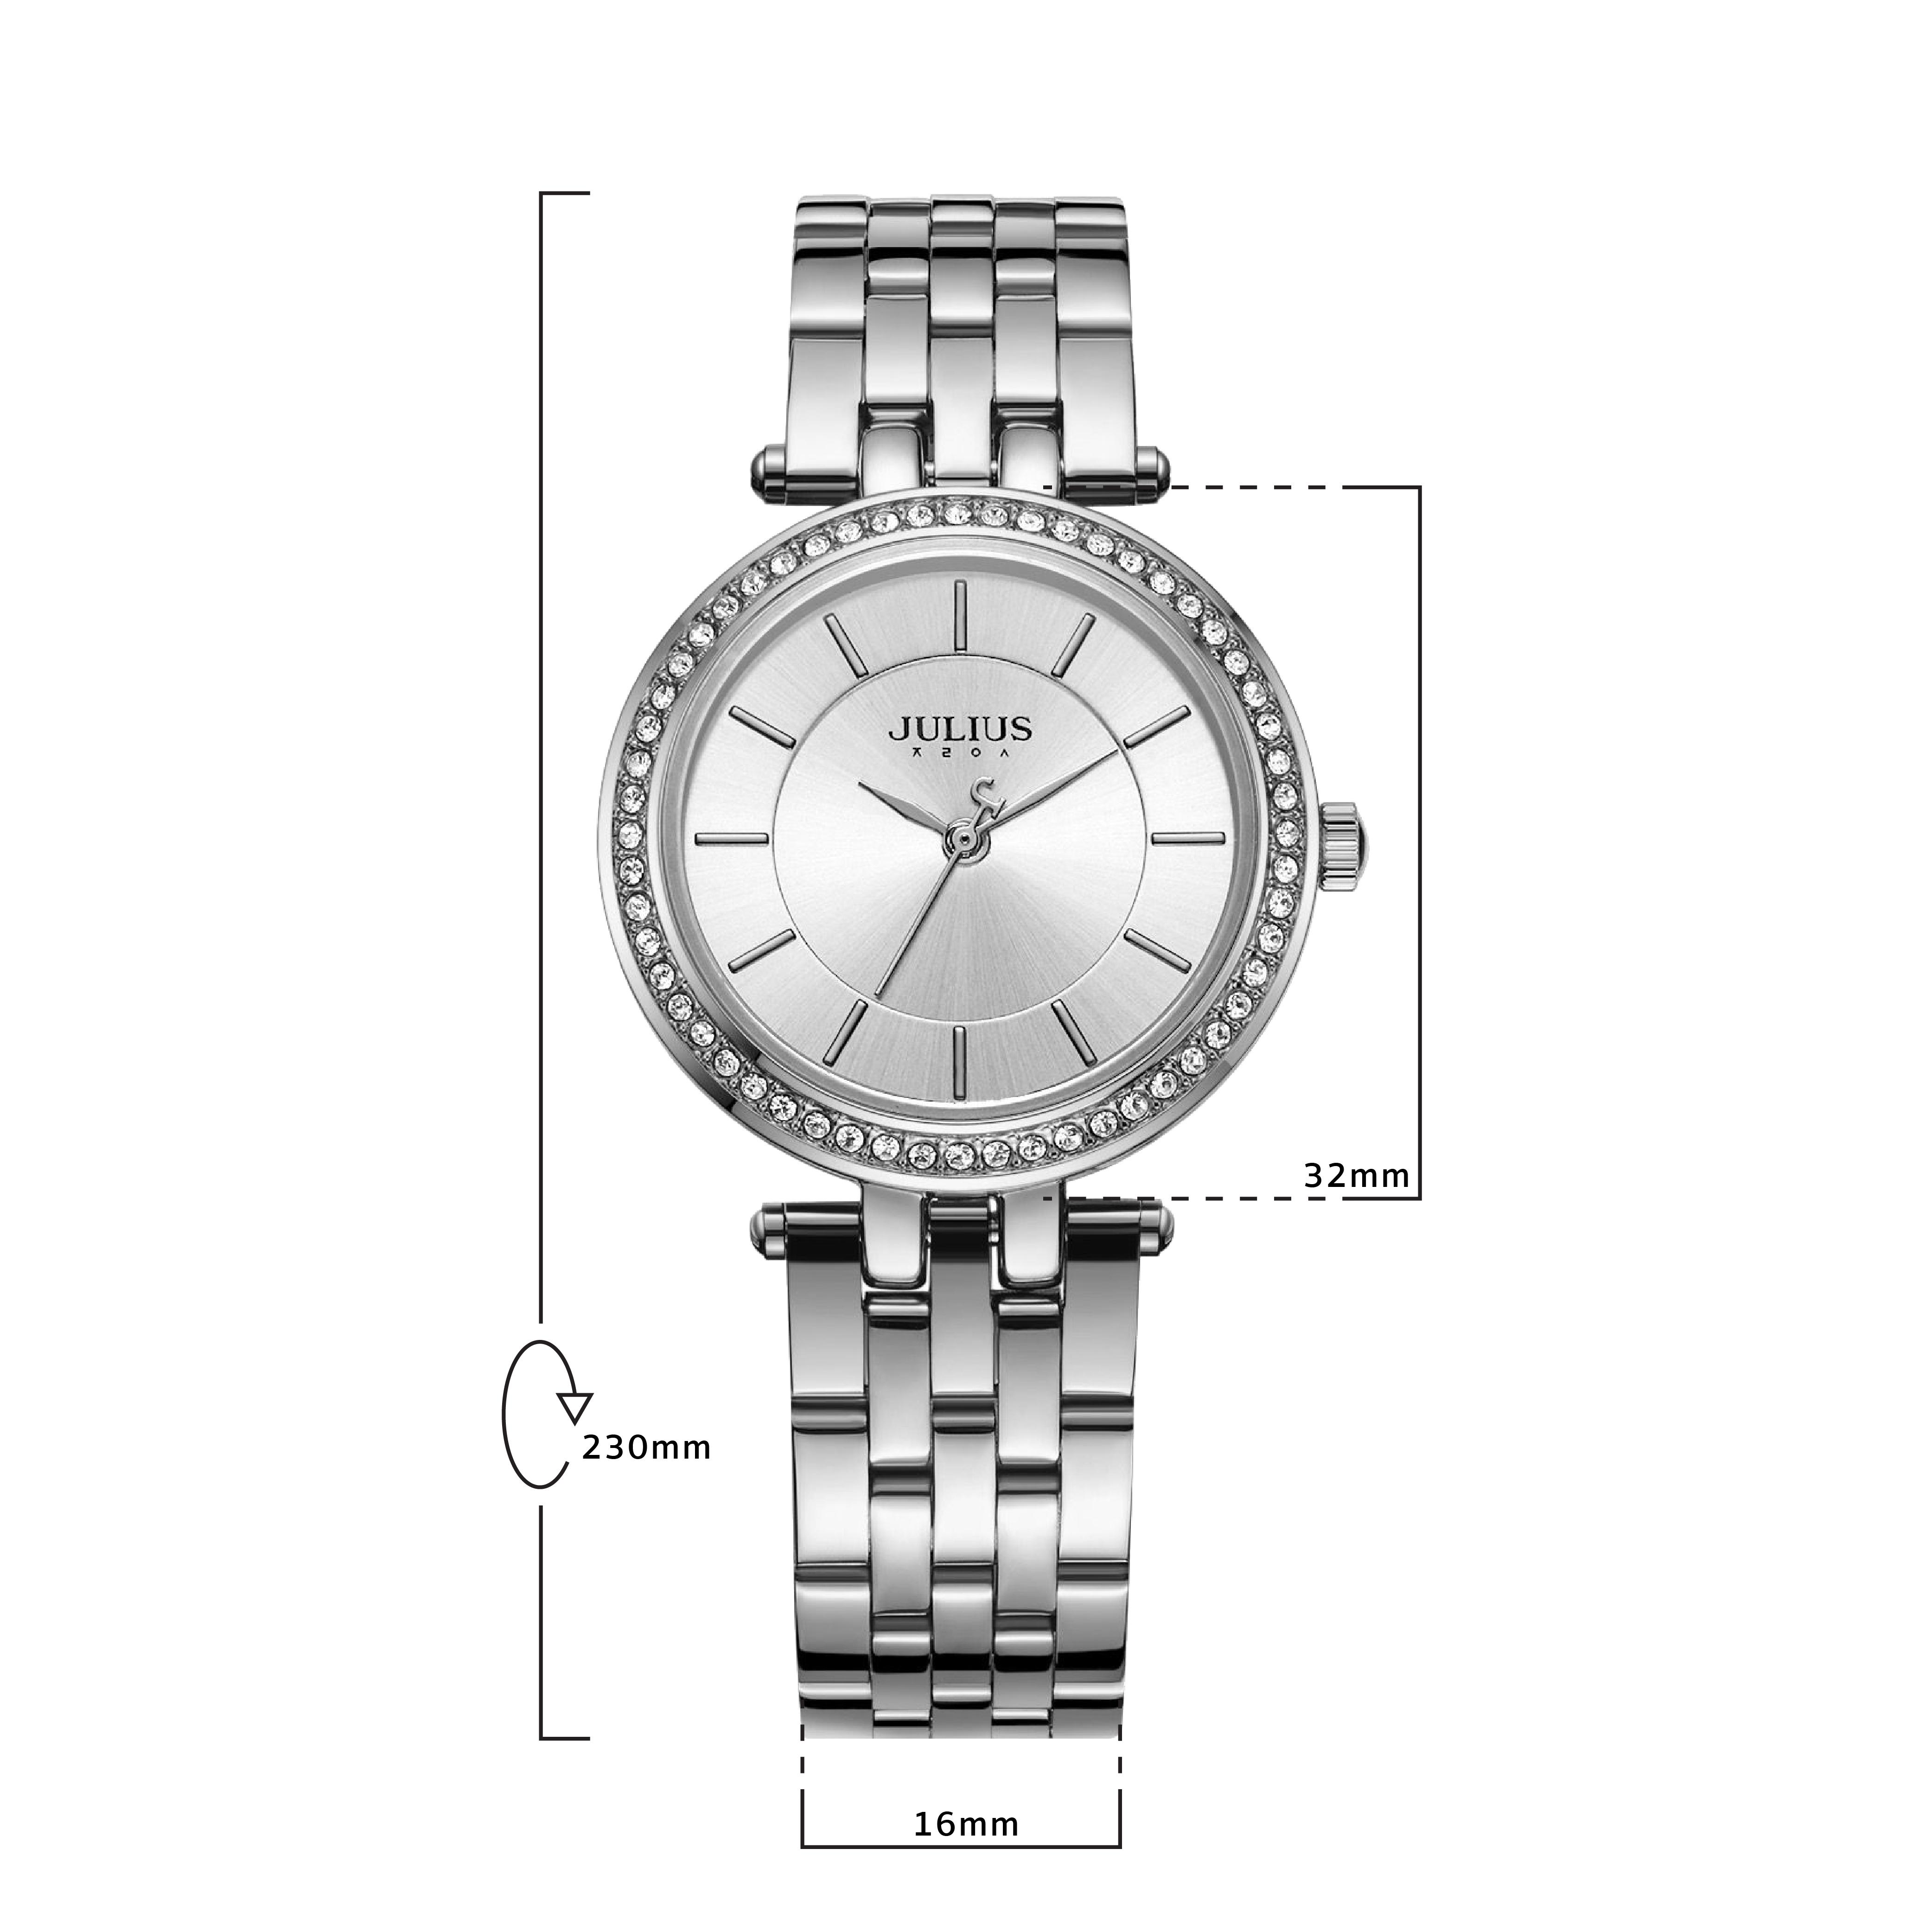 นาฬิกาข้อมือผู้หญิง JULIUS JA-1046 A